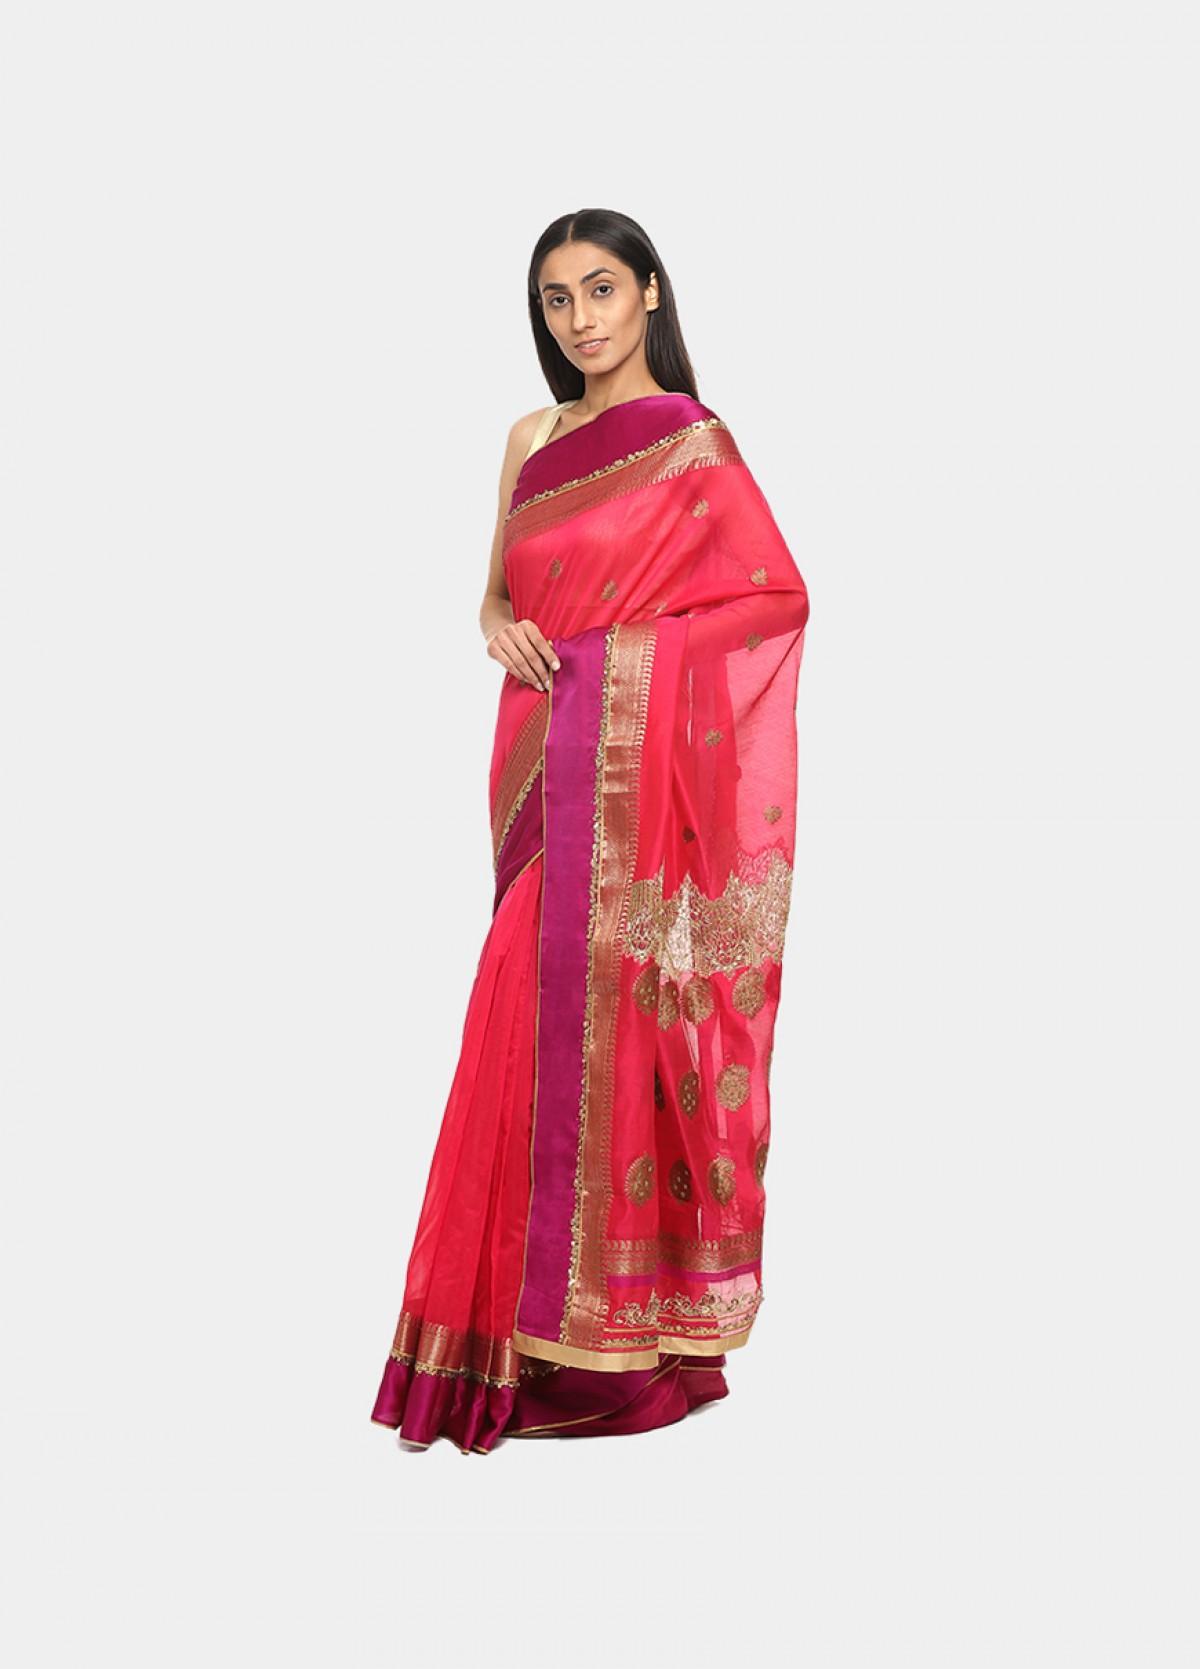 The Woven Art Banarsi Silk Sari